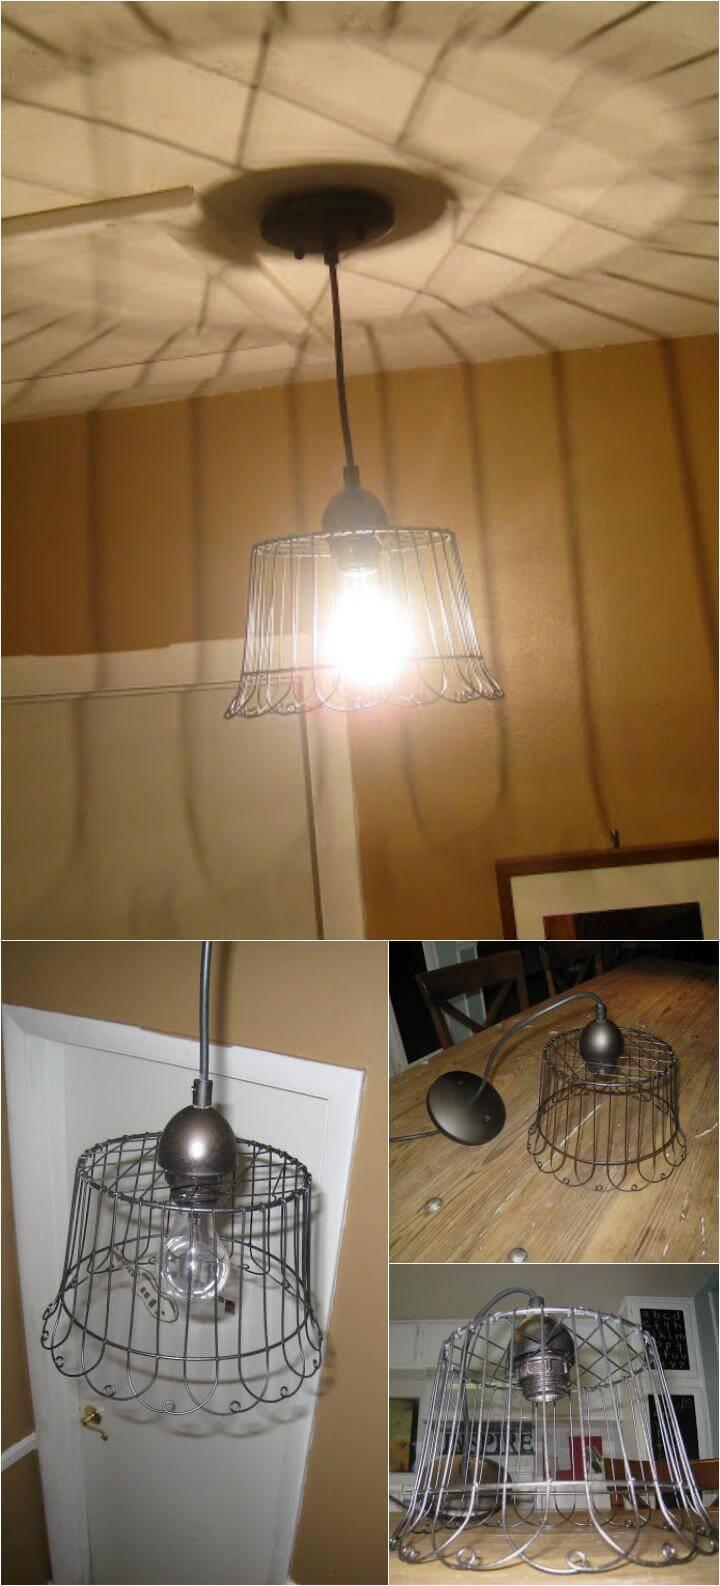 self-made Anthroplogie inspired pendant light